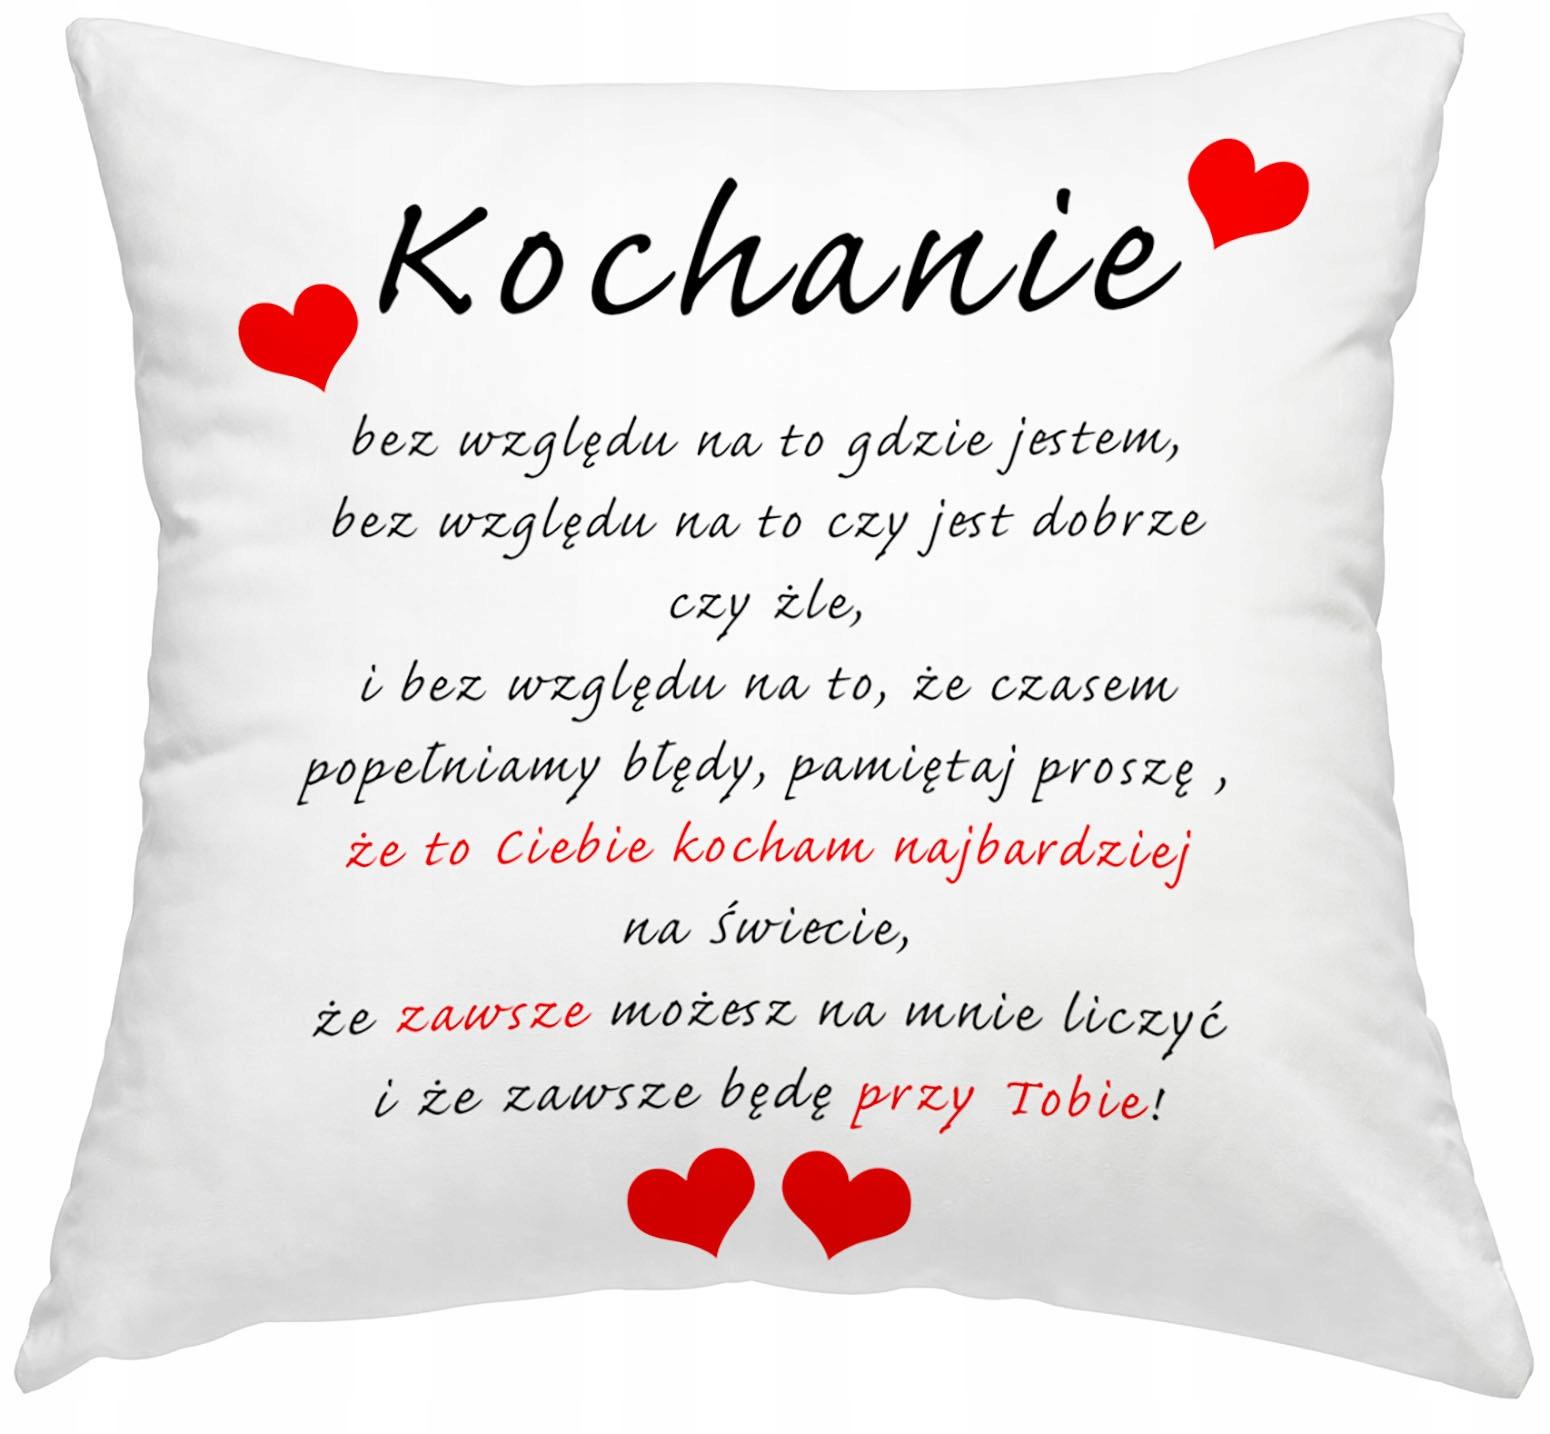 Подушка для Дня святого Валентина 40x40 Подарочные наборы дизайнов